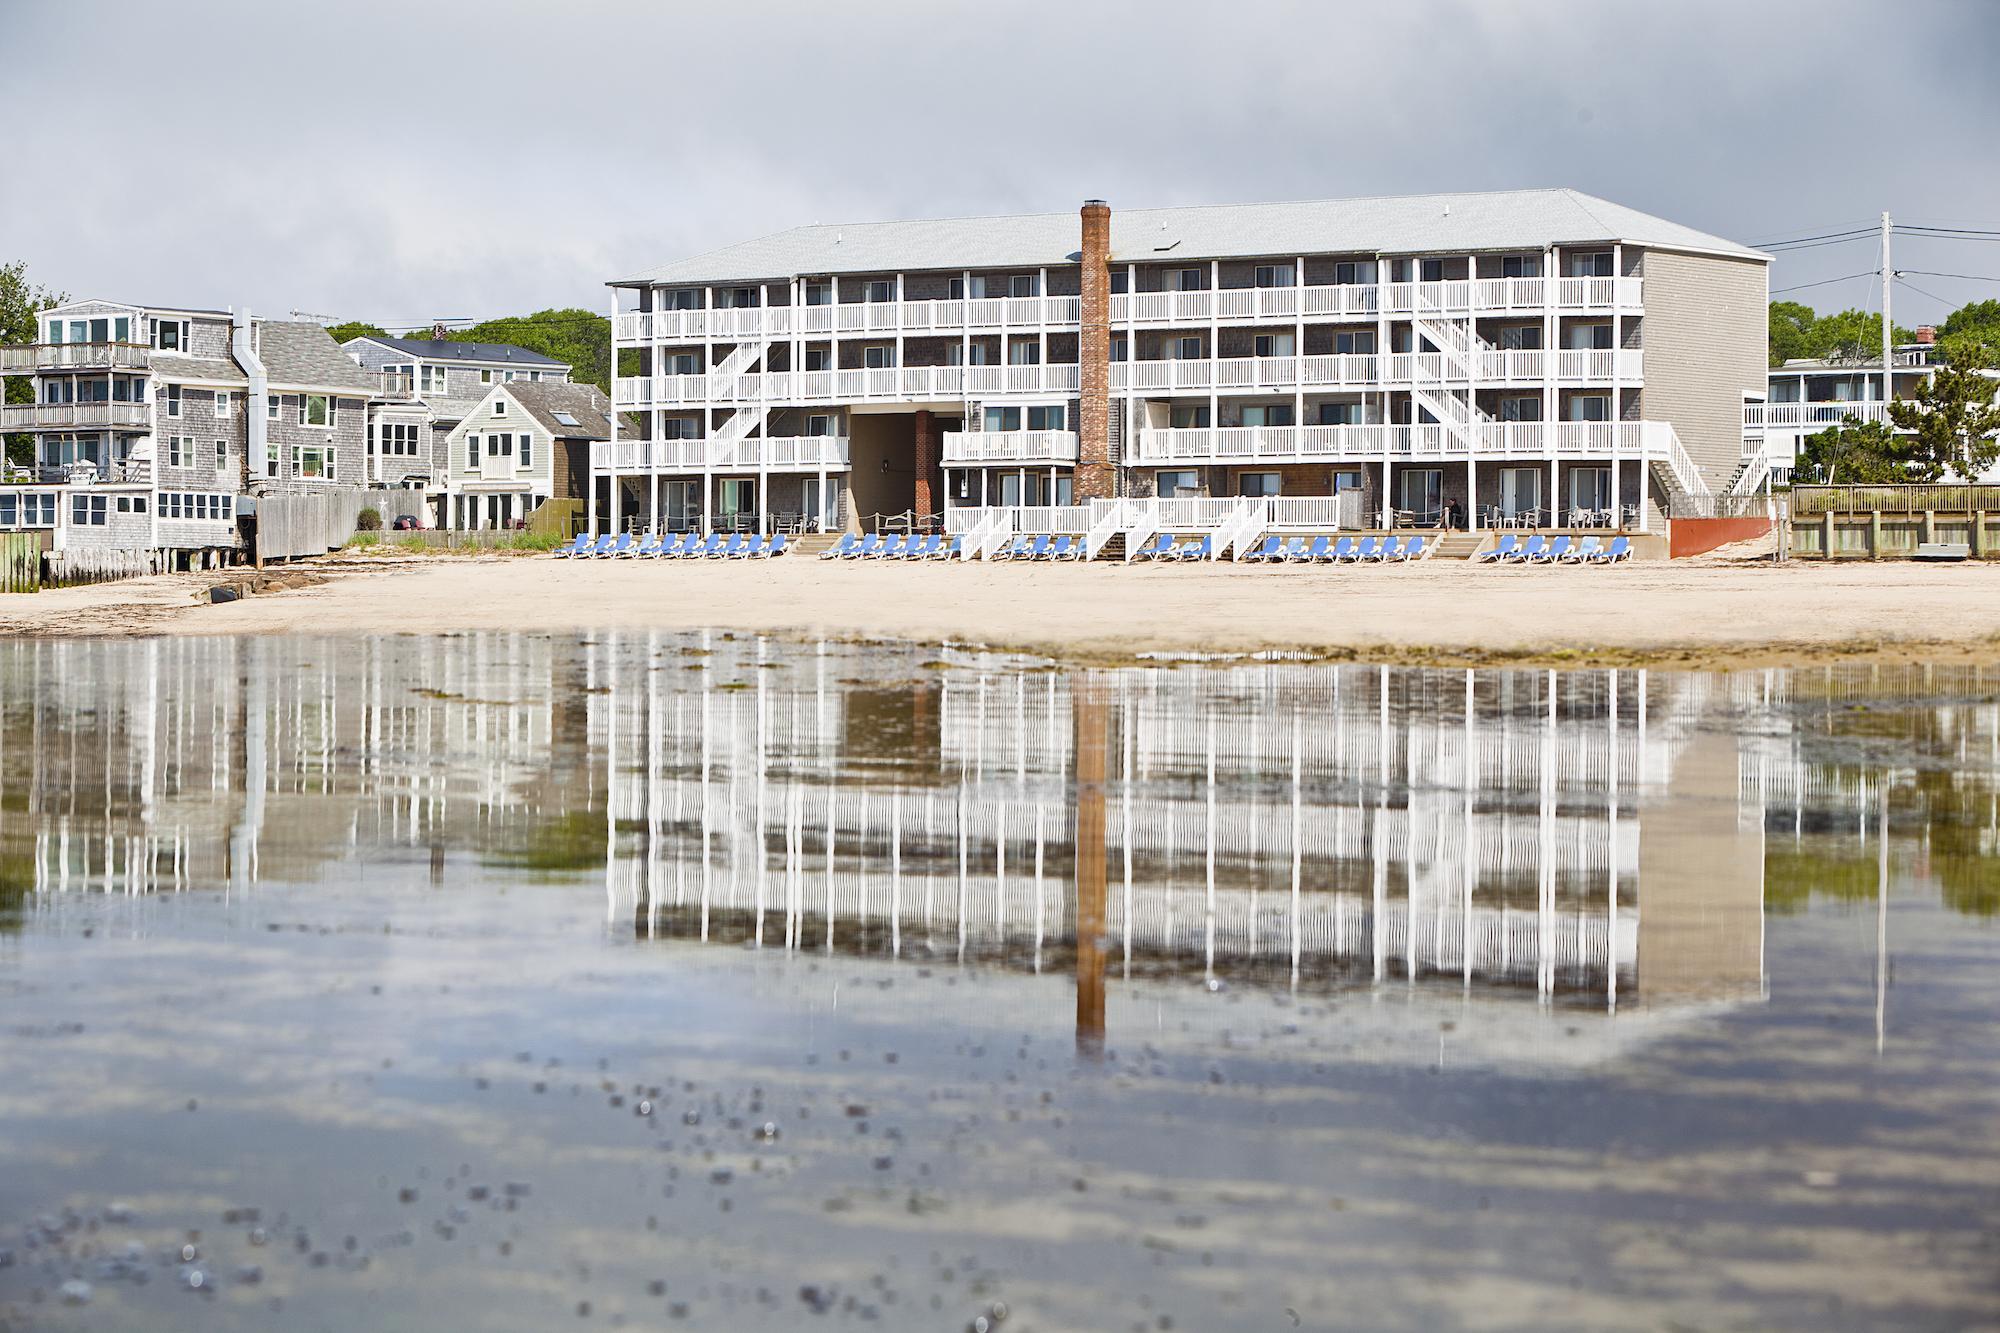 provincetown massachusetts lodging surfside hotel. Black Bedroom Furniture Sets. Home Design Ideas